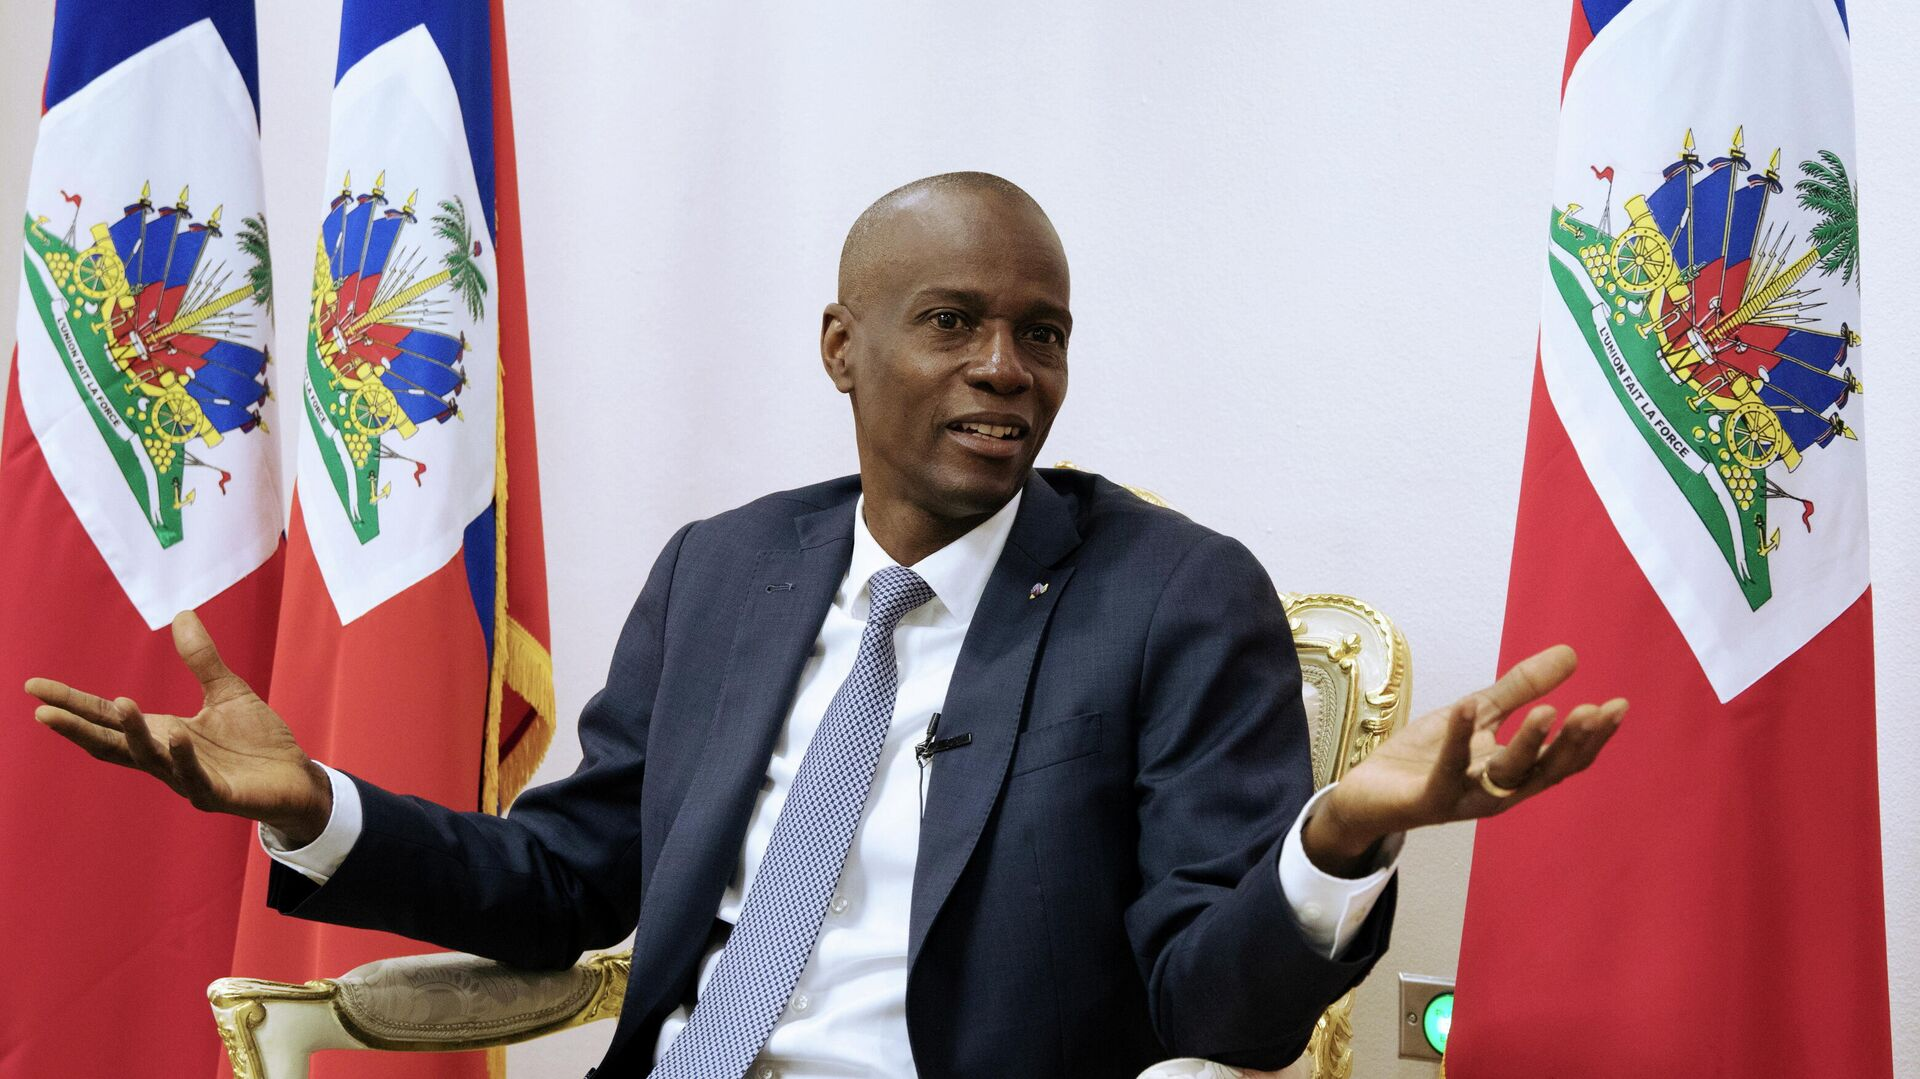 Jovenel Moise, el trágico final de un presidente que no pudo evitar el caos  en Haití - 07.07.2021, Sputnik Mundo